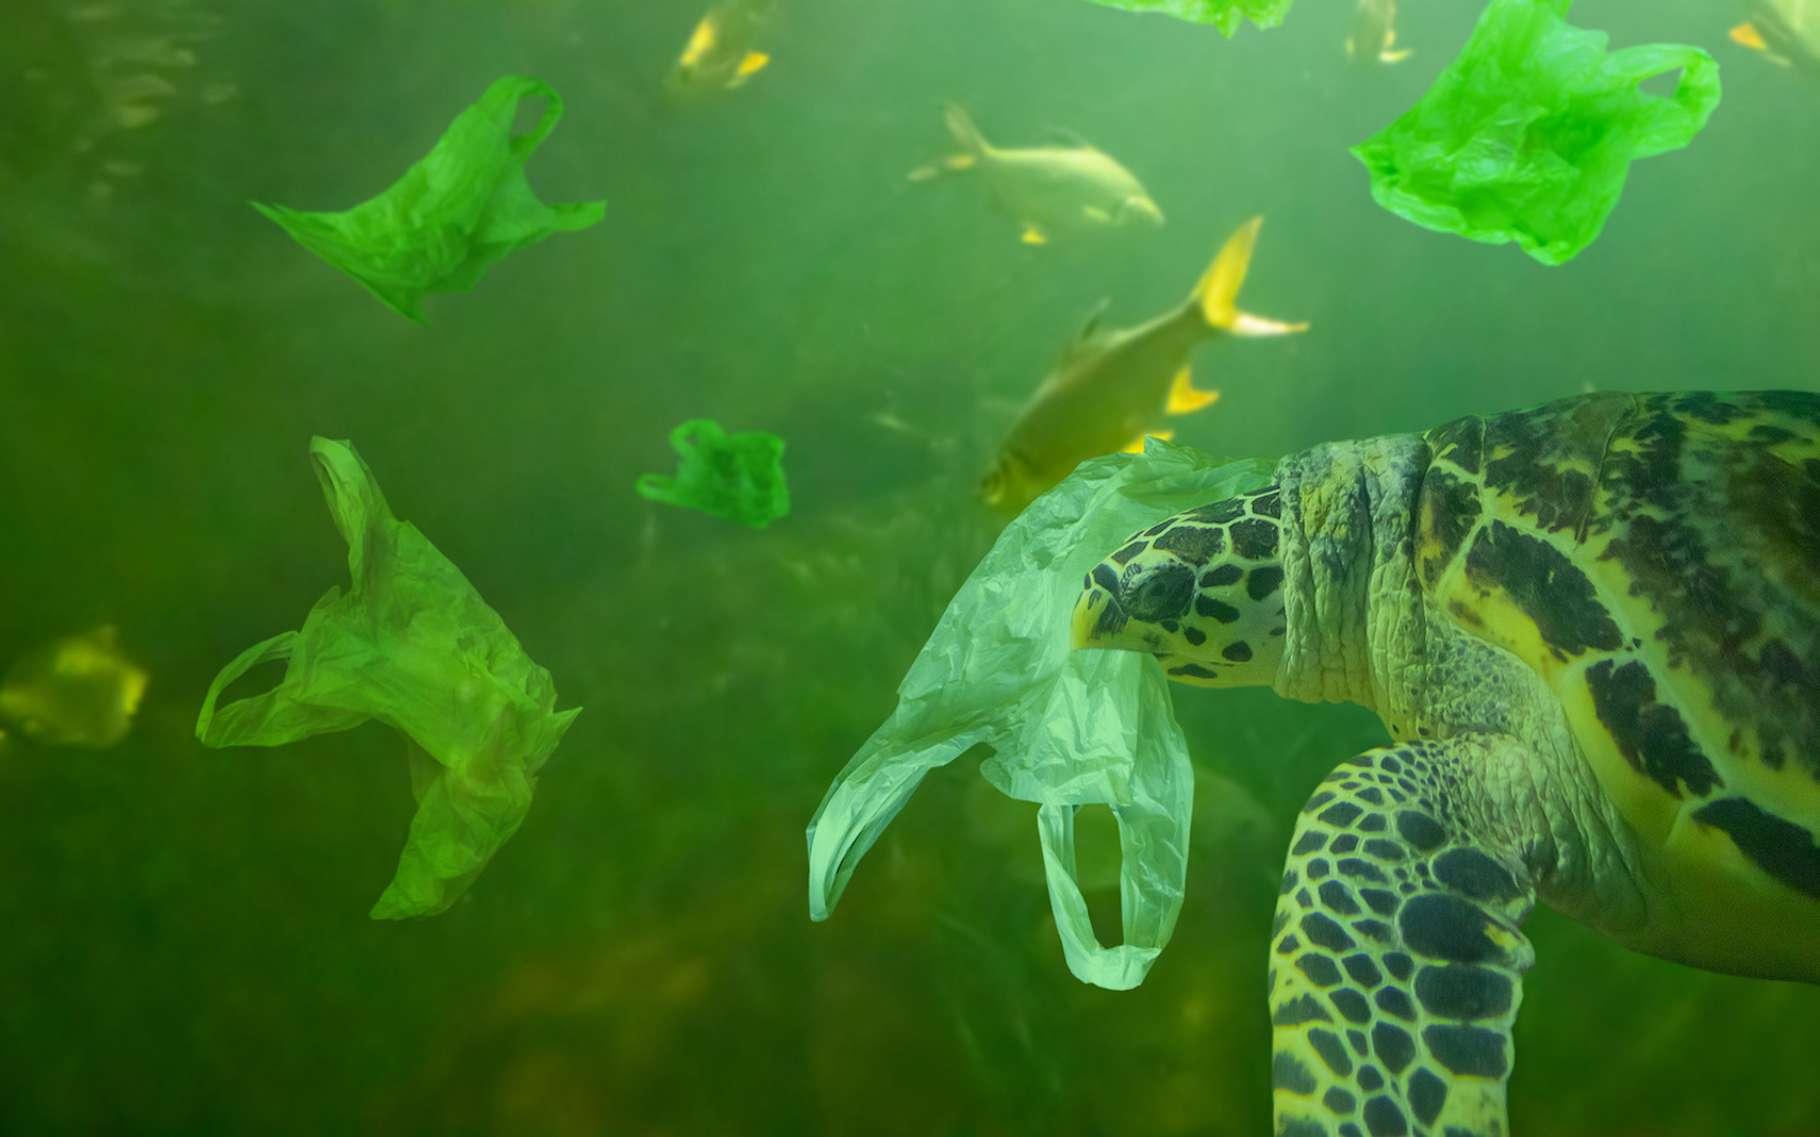 Les pays du G20 se sont engagés à réduire leurs déchets plastiques afin de diminuer la pollution plastique des milieux marins. © Piman Khrutmuang, Fotolia